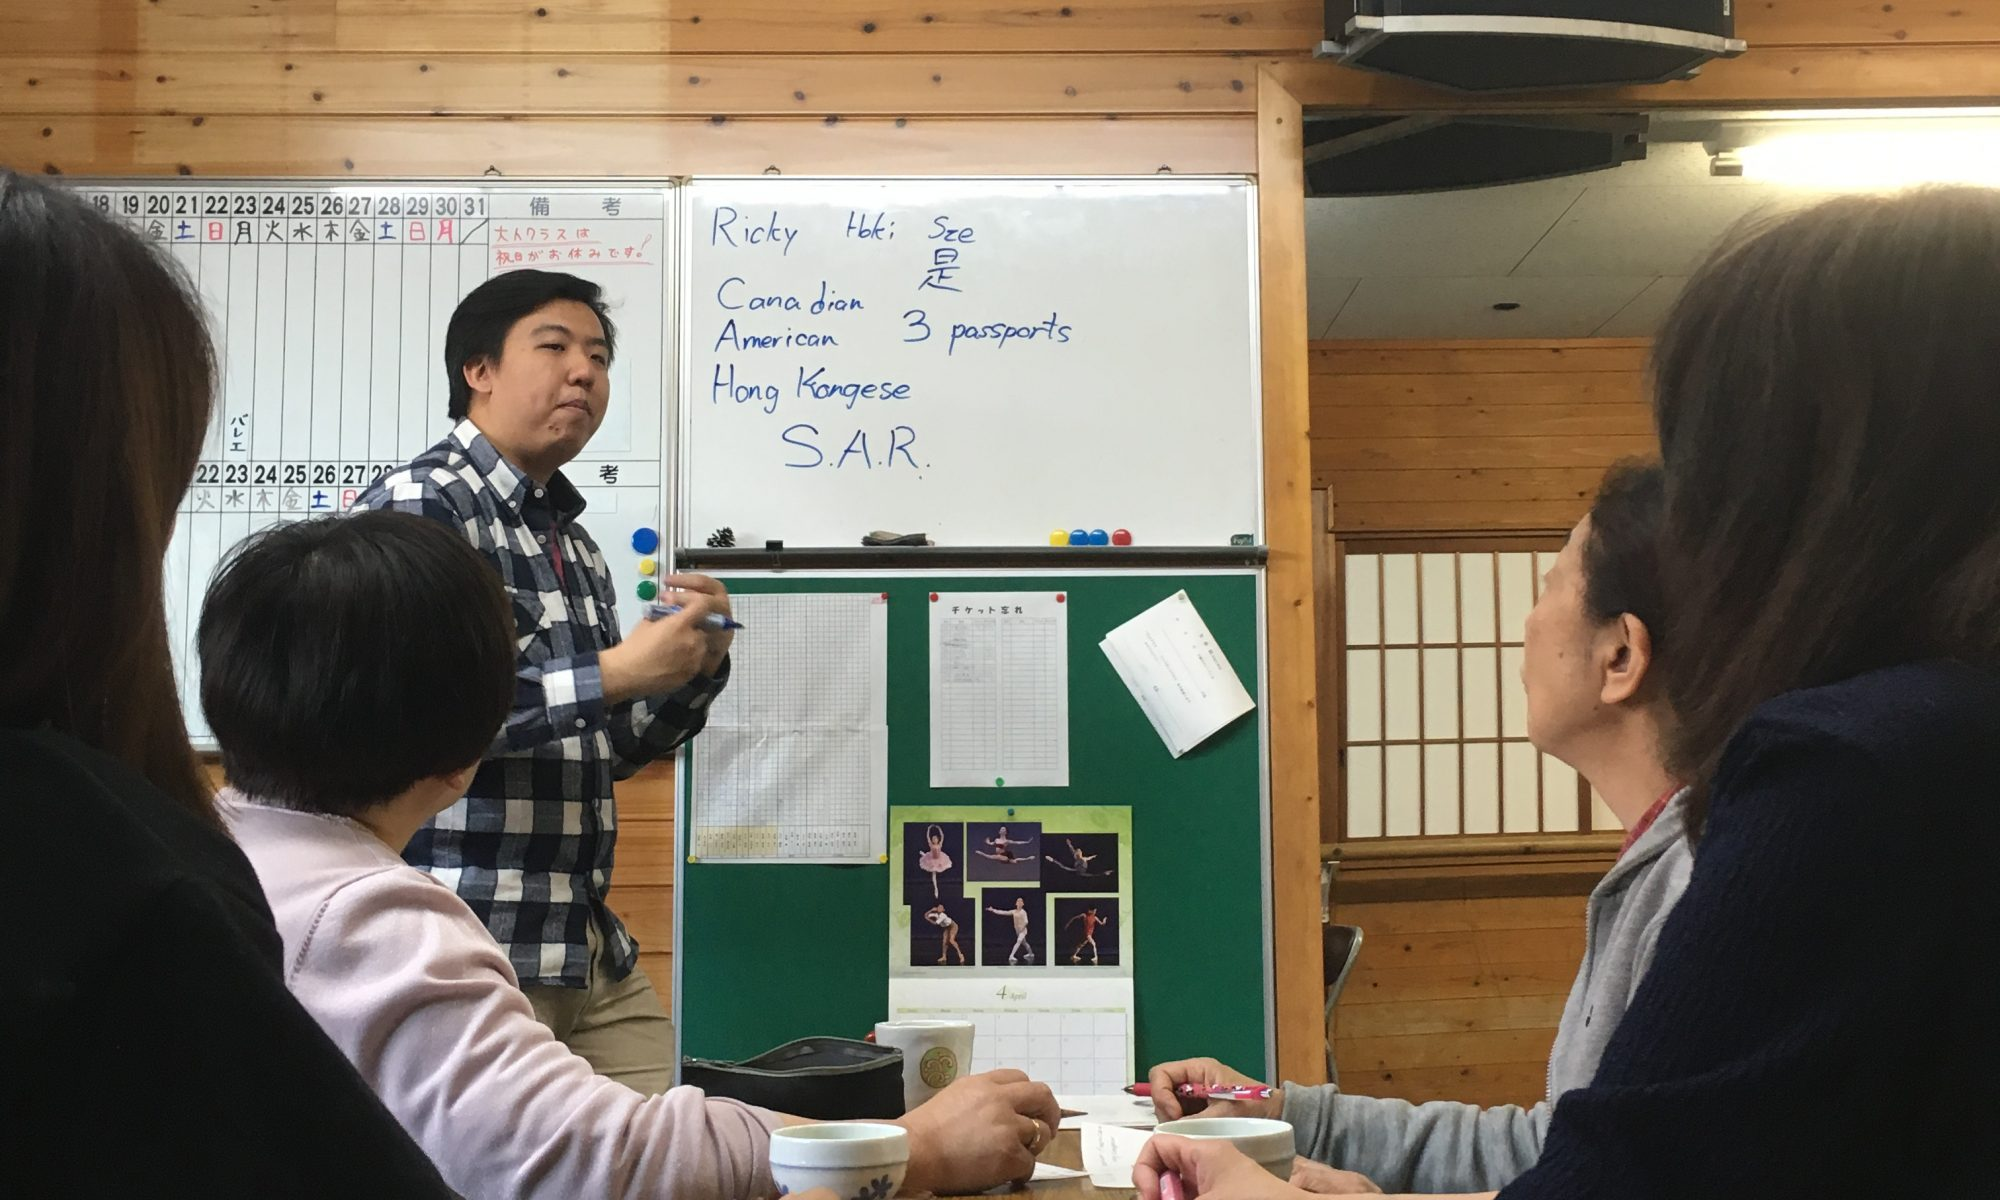 先生日本語上手です